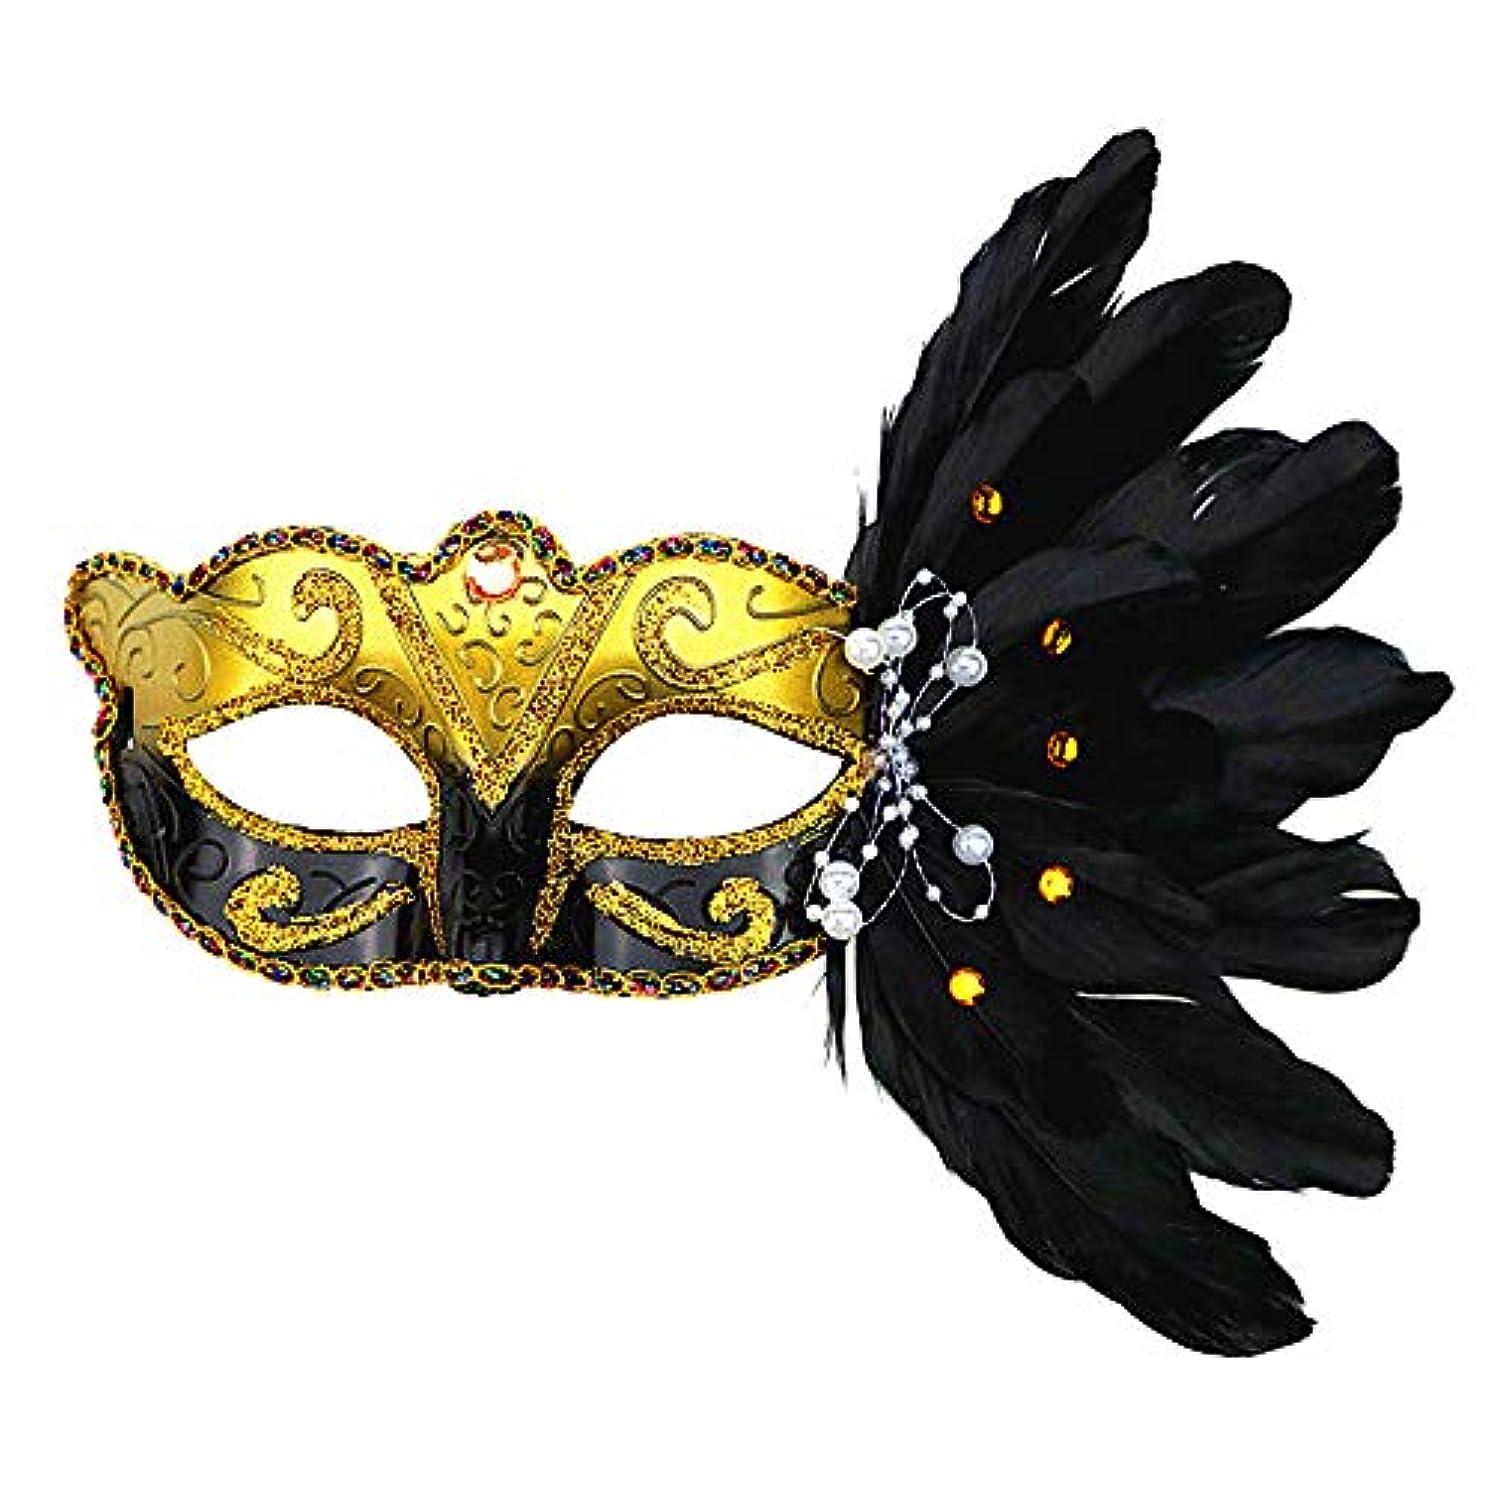 珍味内陸教育学Auntwhale ハロウィーンマスク大人恐怖コスチューム、ペイントフェザーファンシーマスカレードパーティーハロウィンマスク、フェスティバル通気性ギフトヘッドマスク